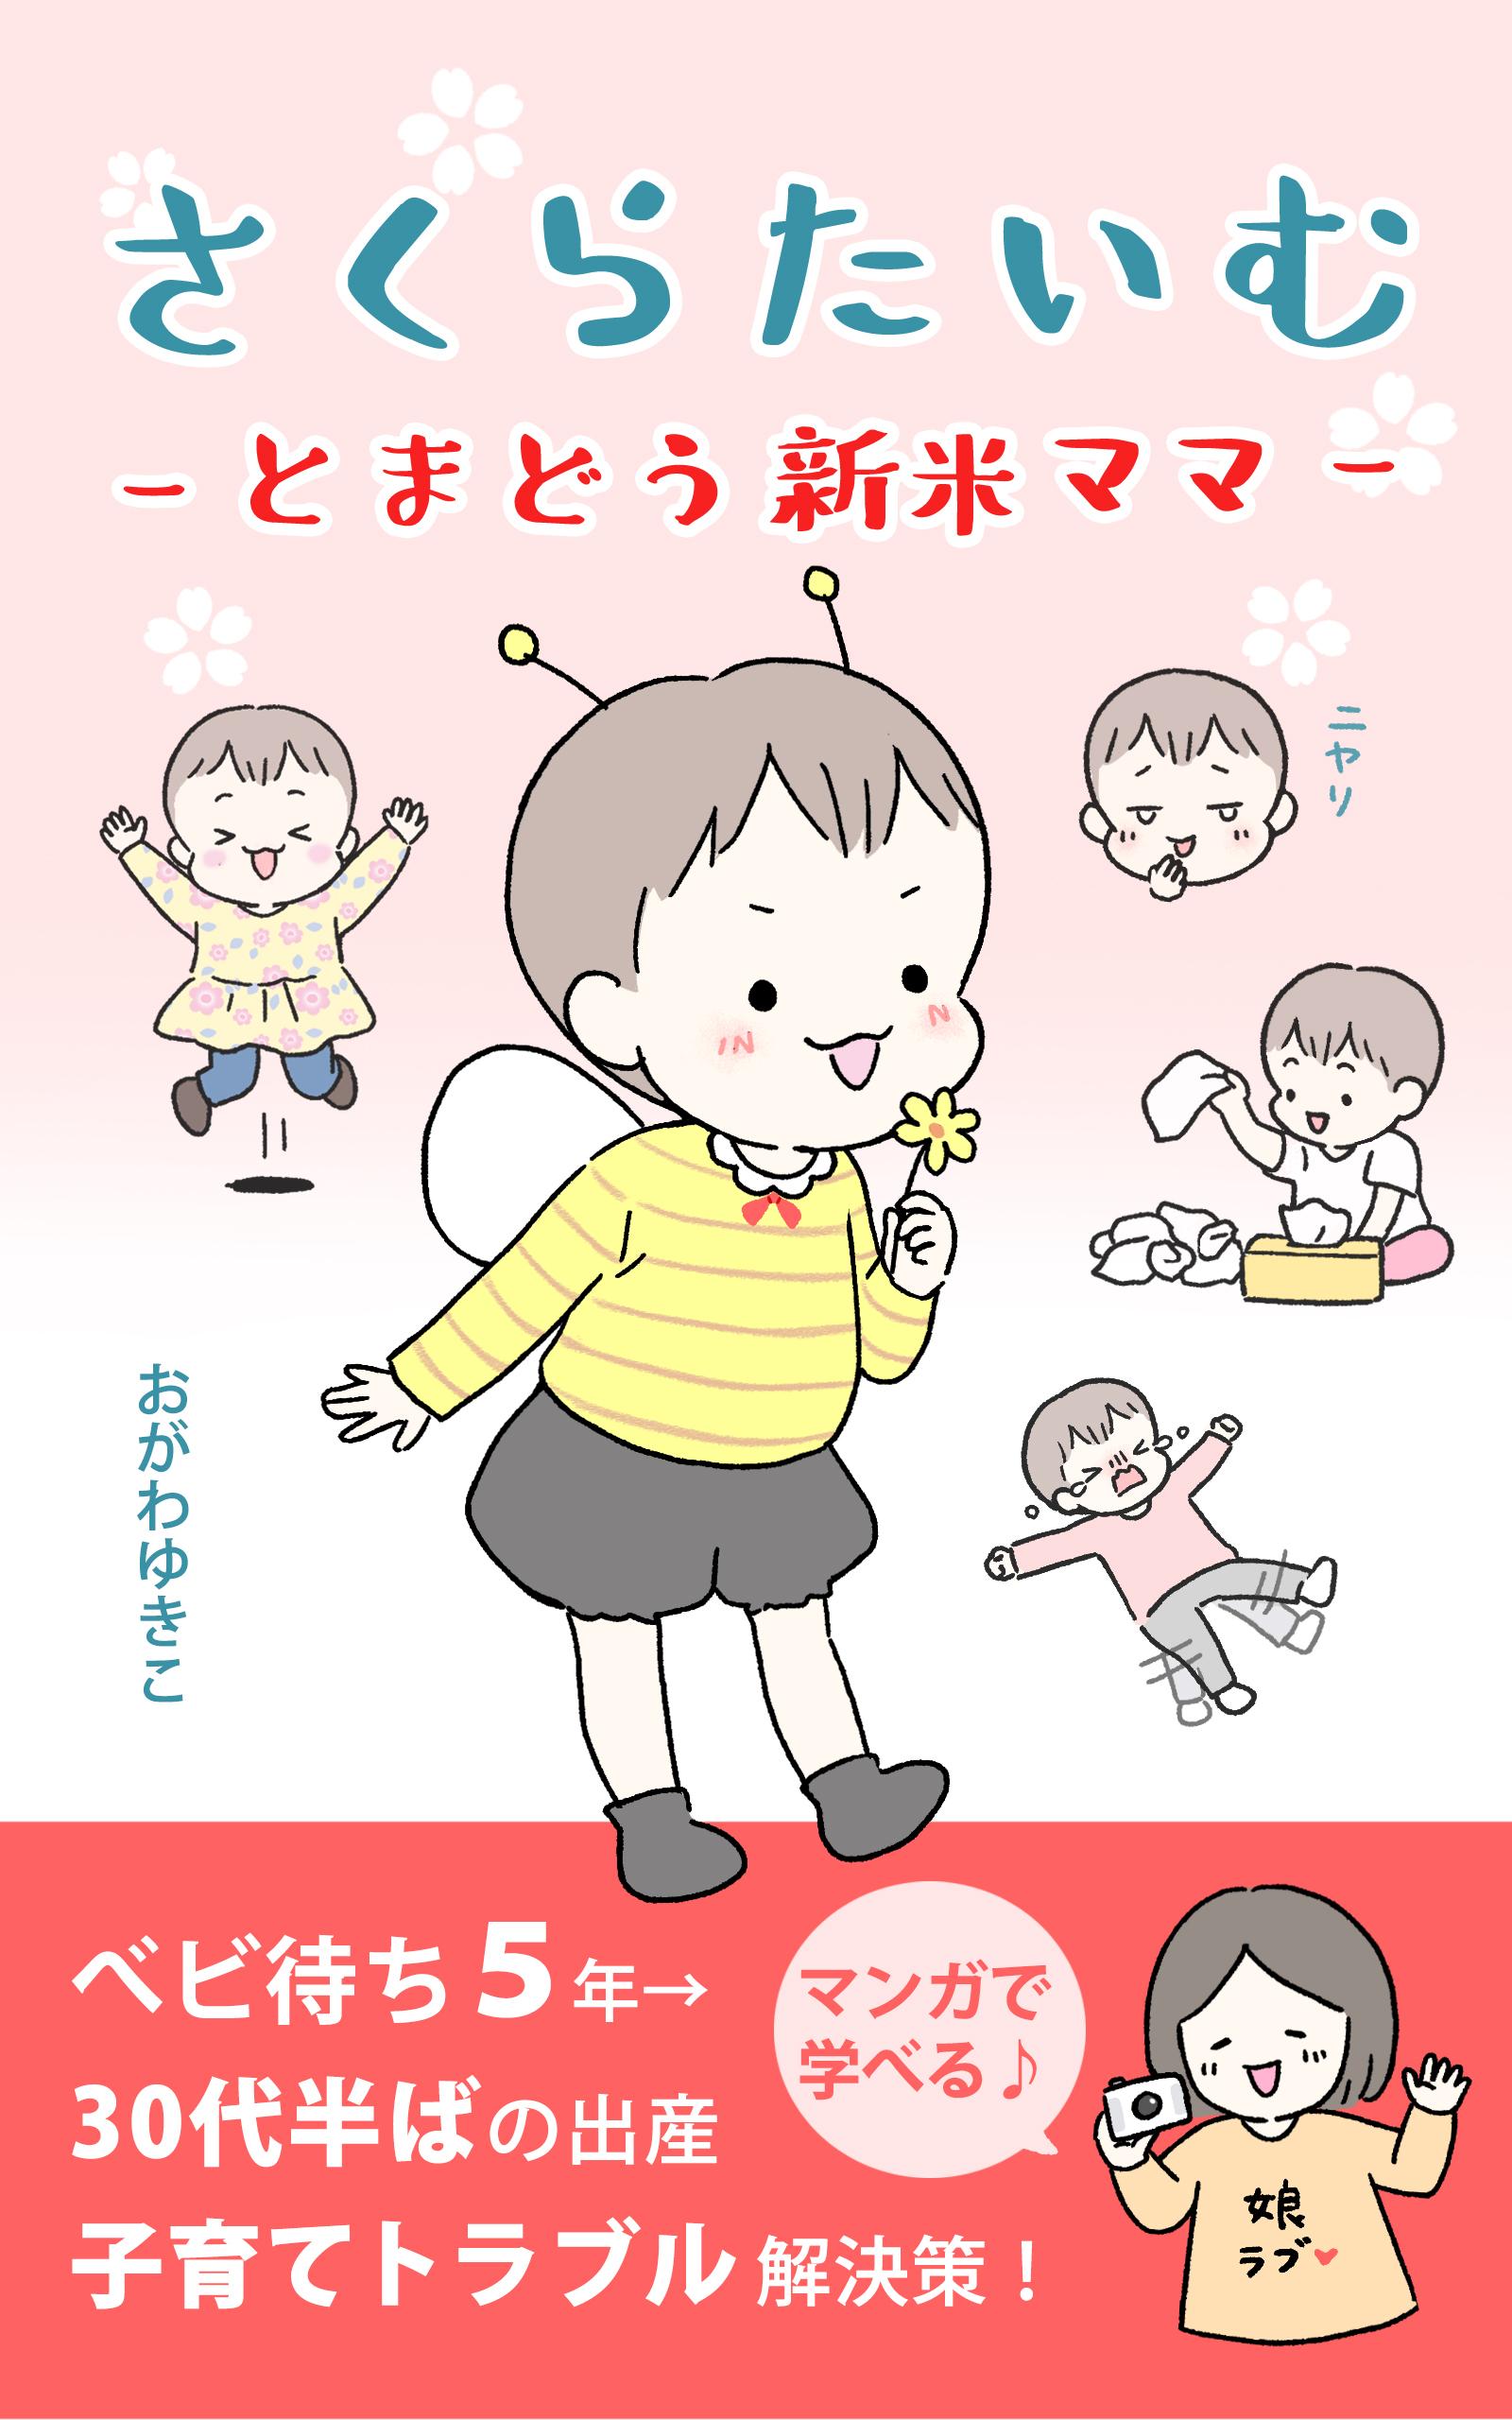 育児漫画「さくらたいむーとまどう新米ママー」